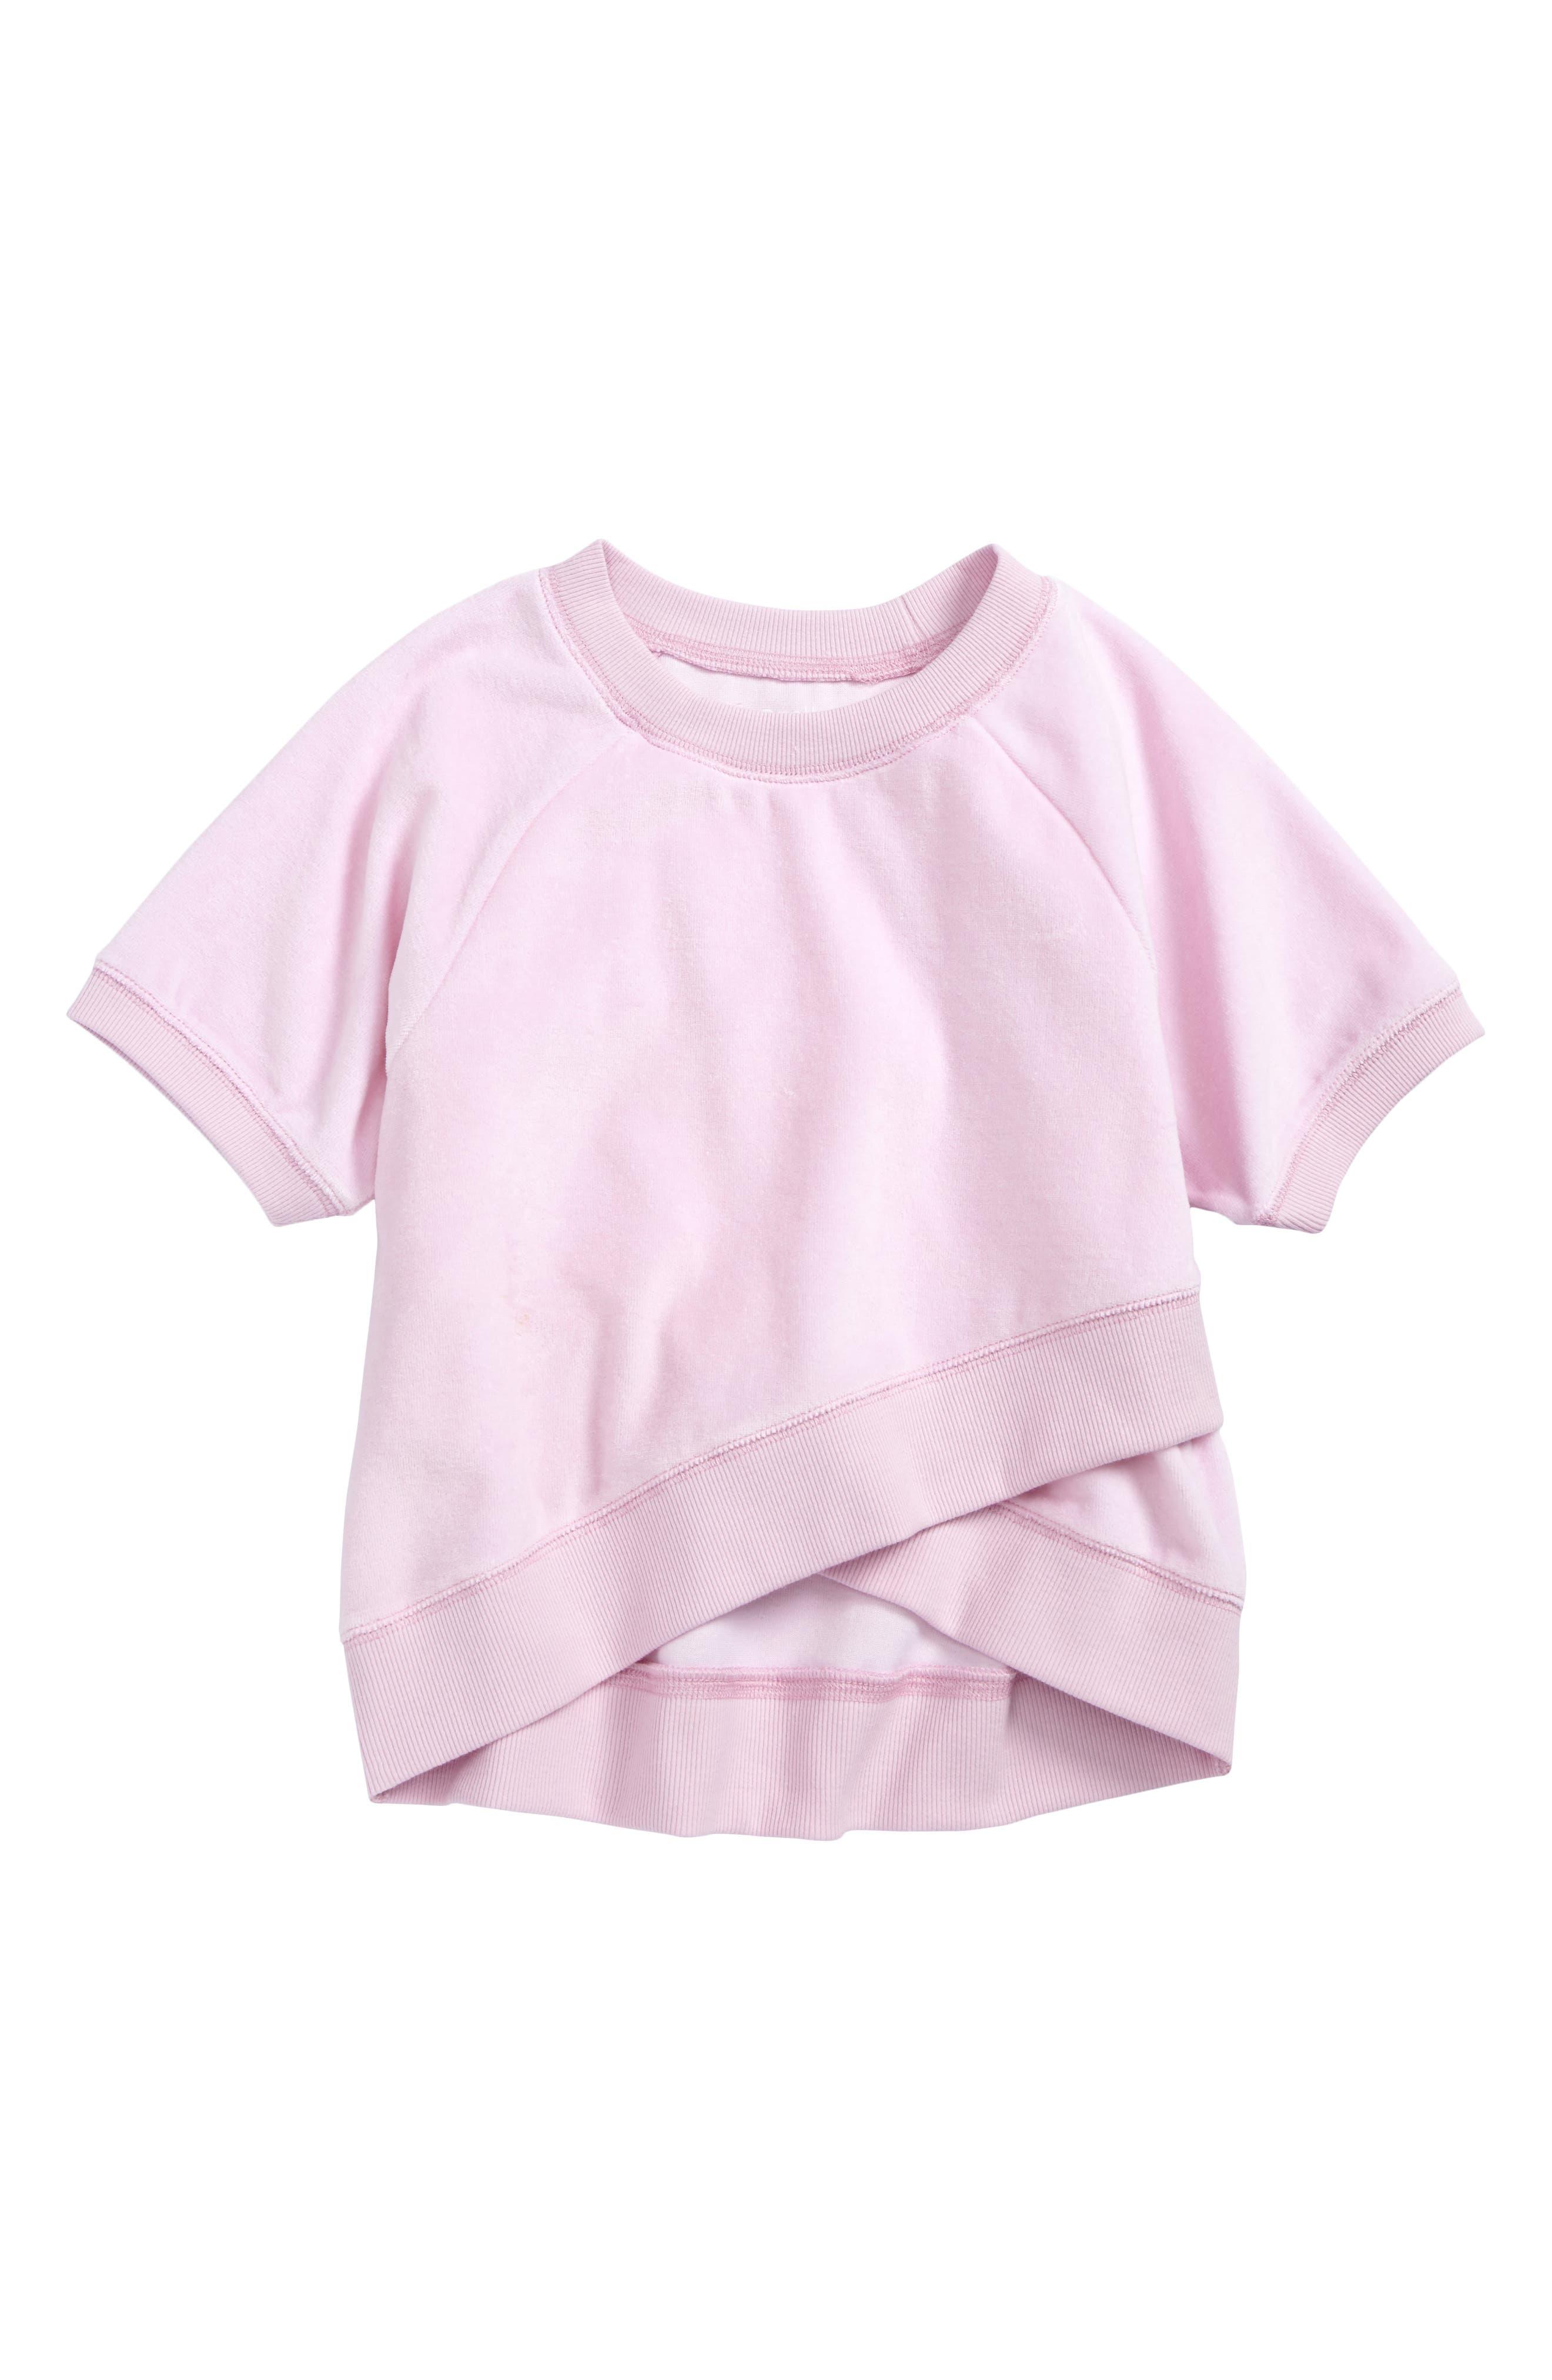 Zella Petal Top (Little Girls & Big Girls)